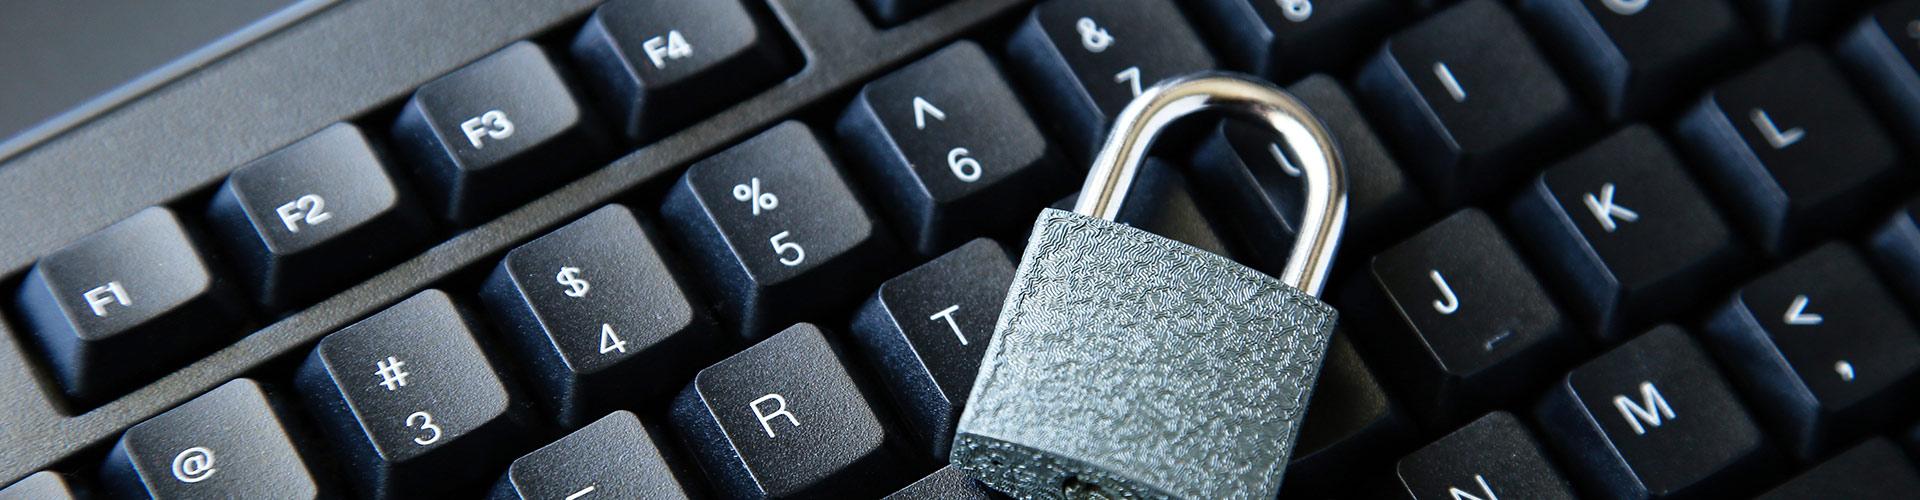 web security 2